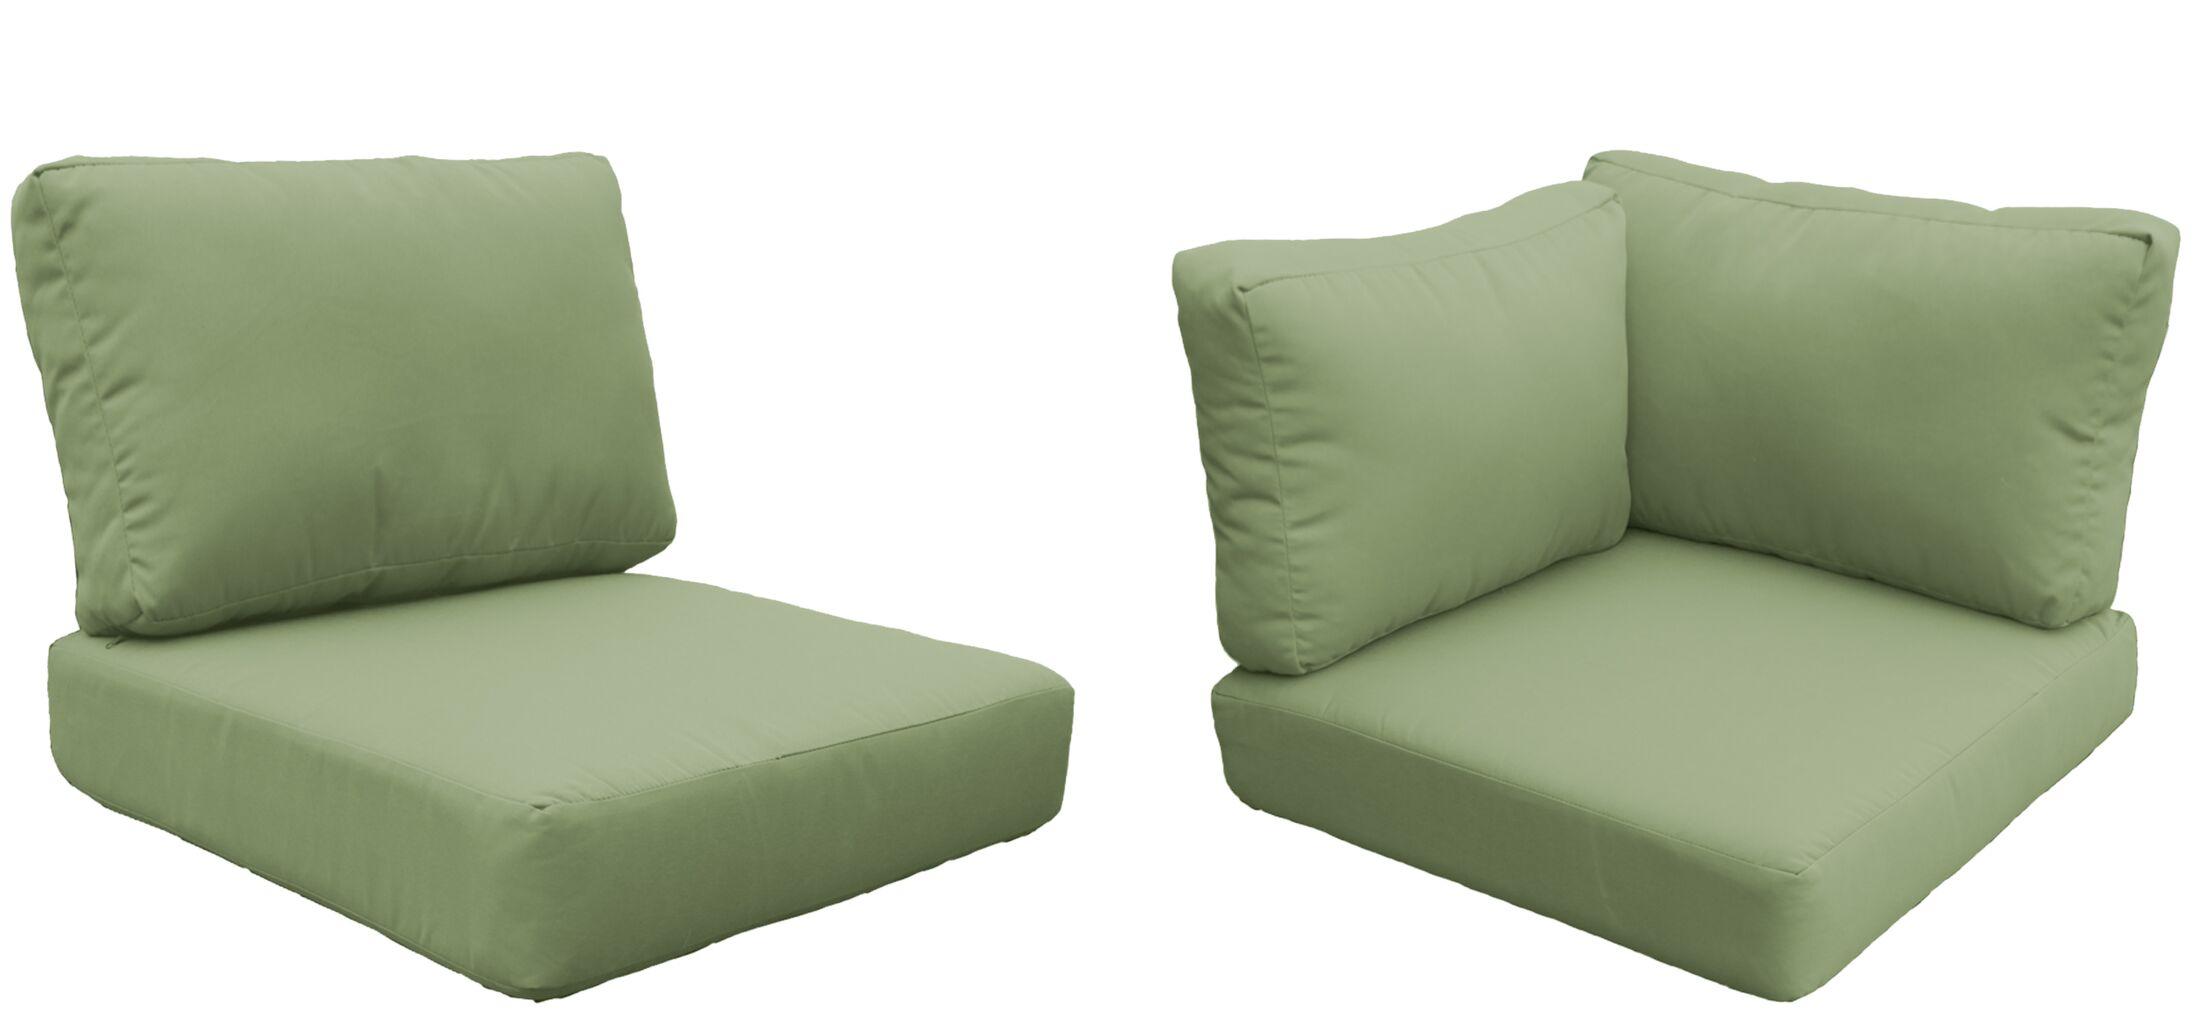 Barbados 17 Piece Outdoor Cushion Set Fabric: Cilantro